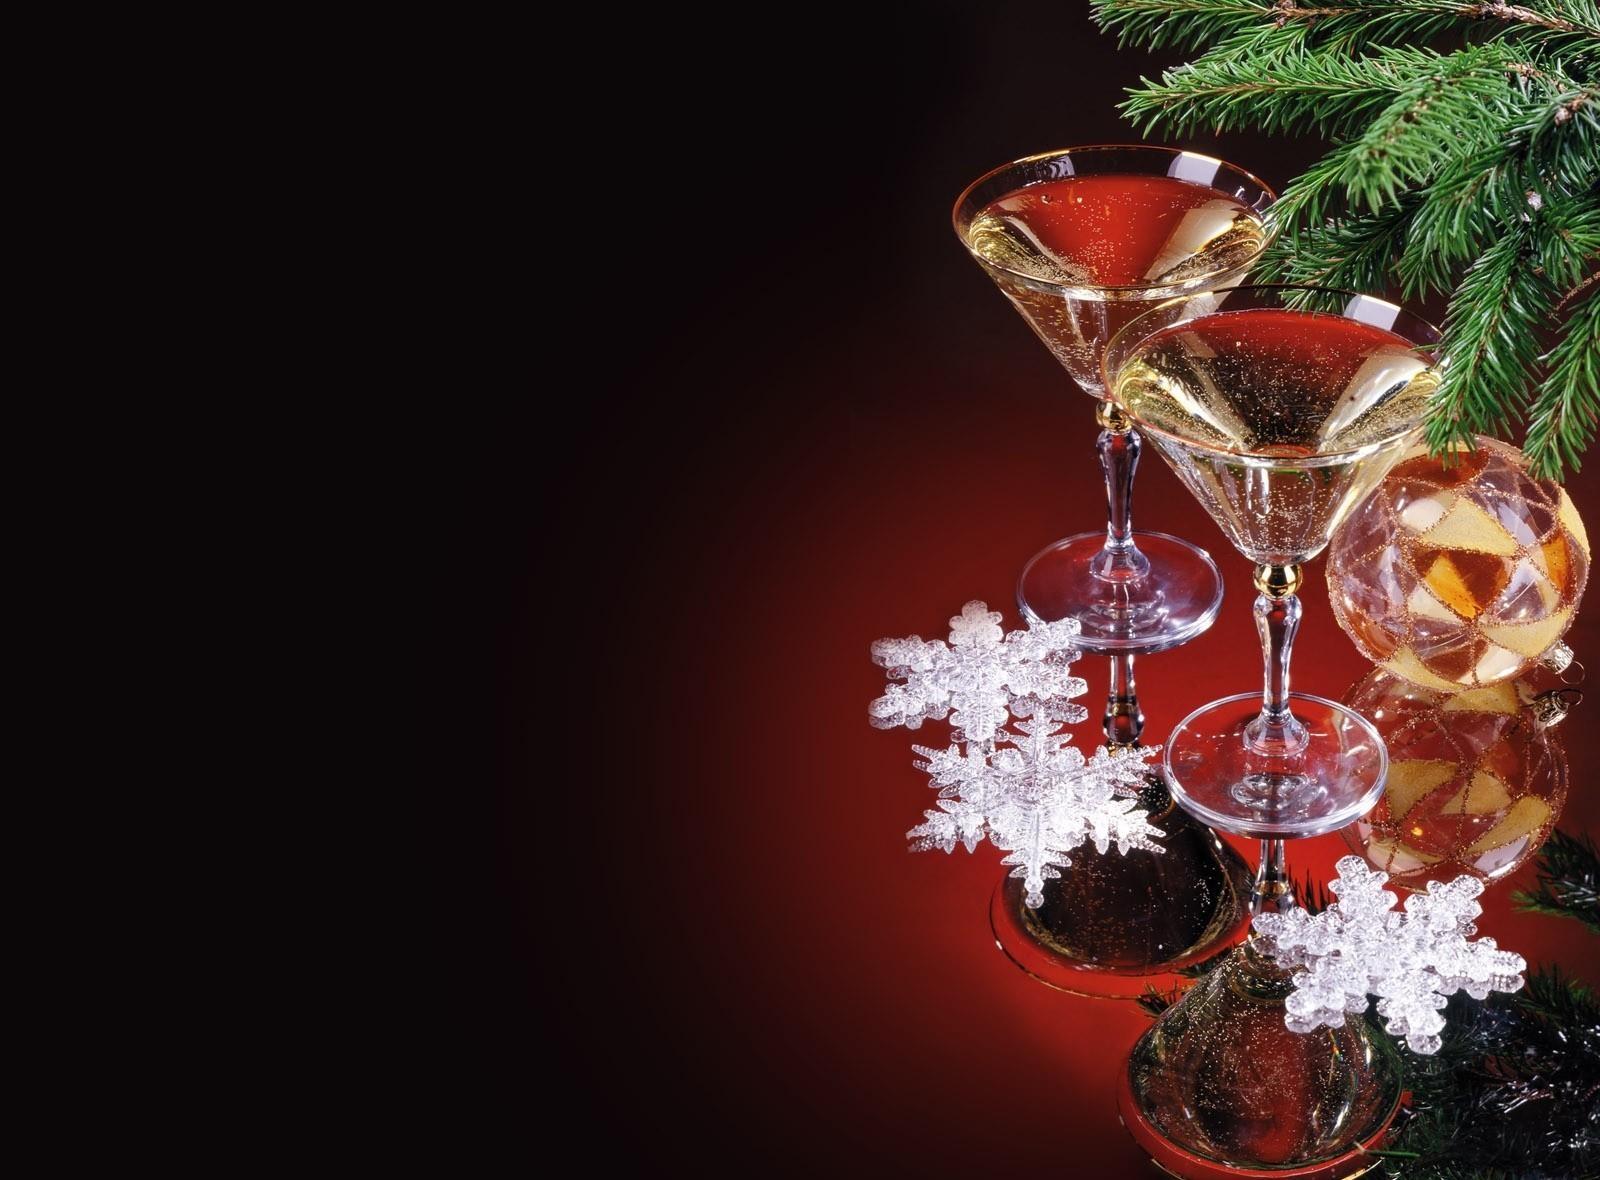 актуален красивые картинки с новым годом любимого добрыне